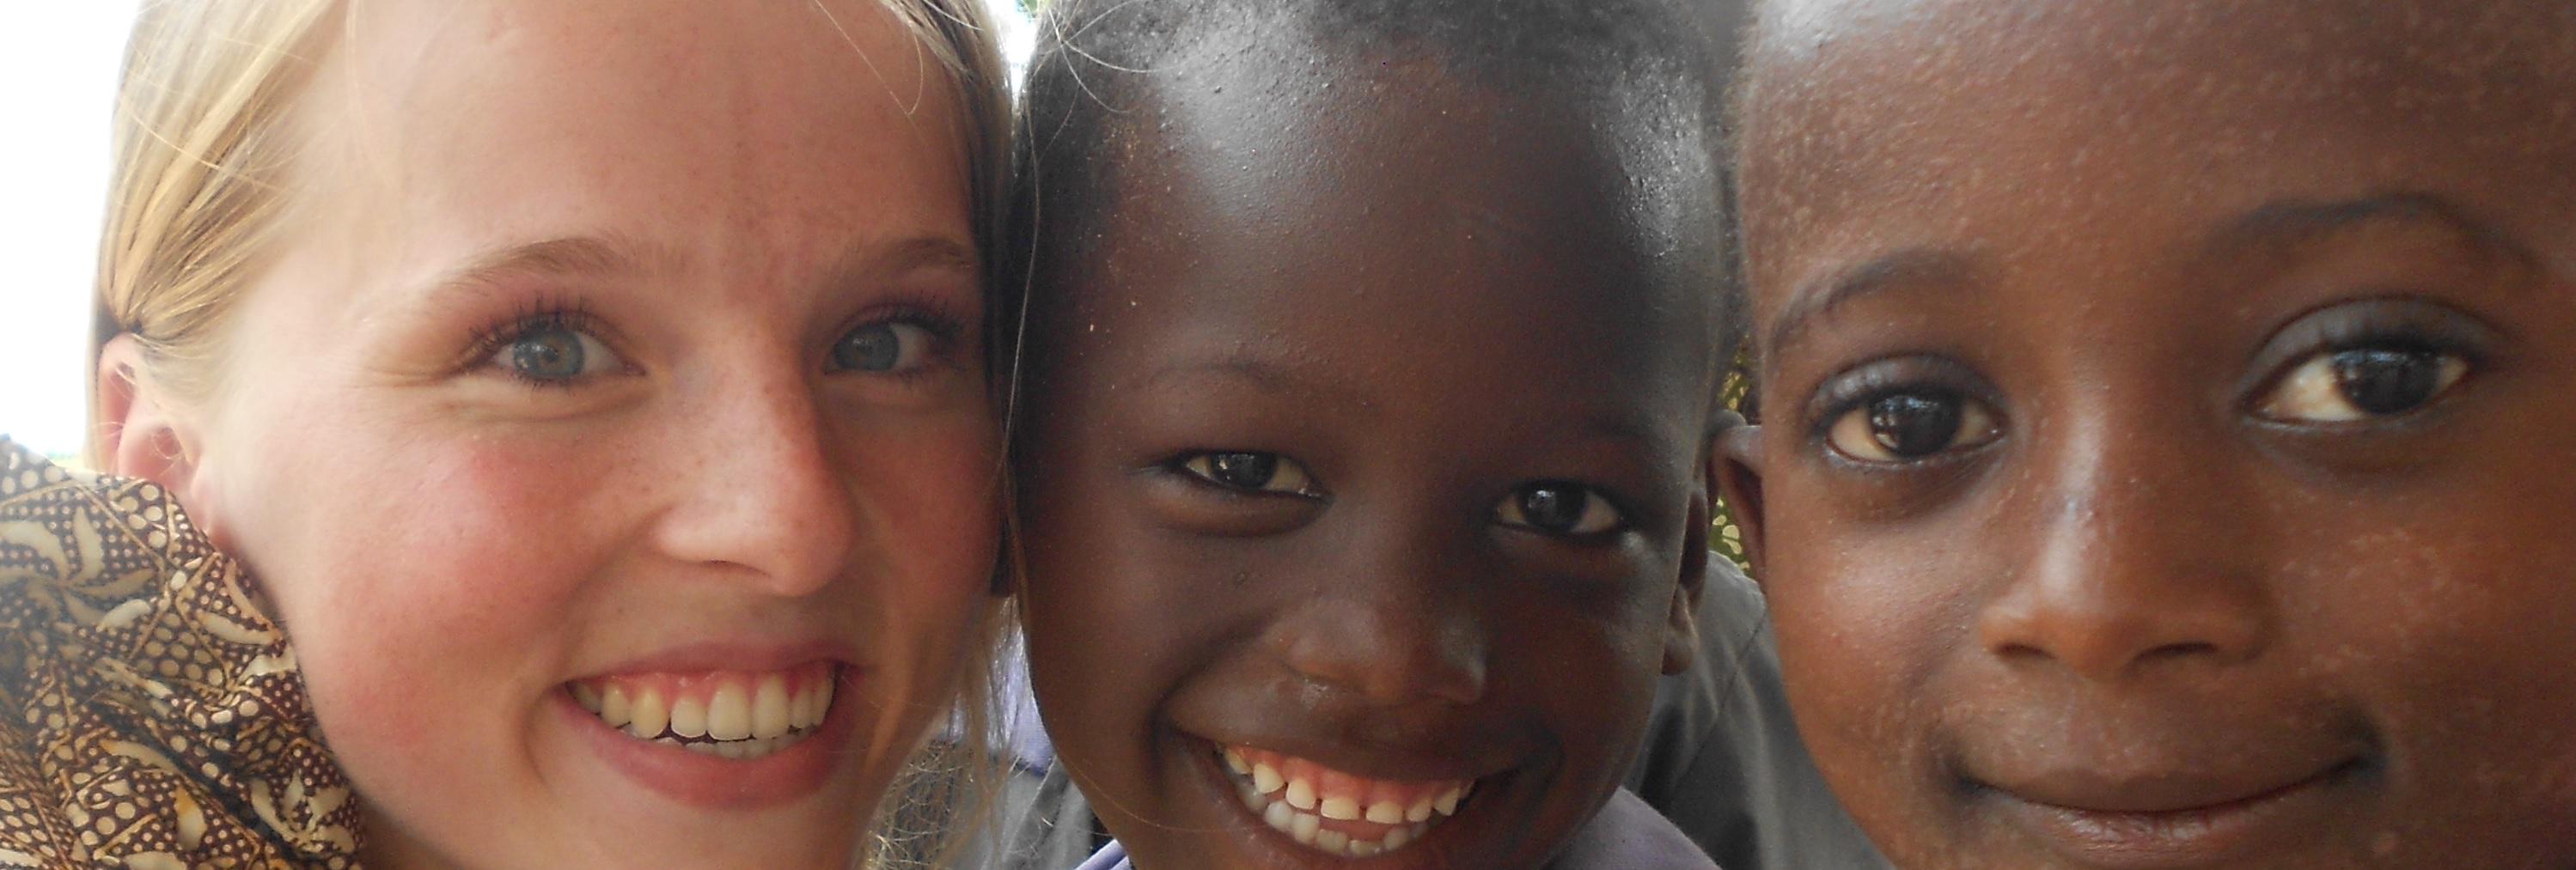 Vrijwilligers project onderwijs Gambia Afrika